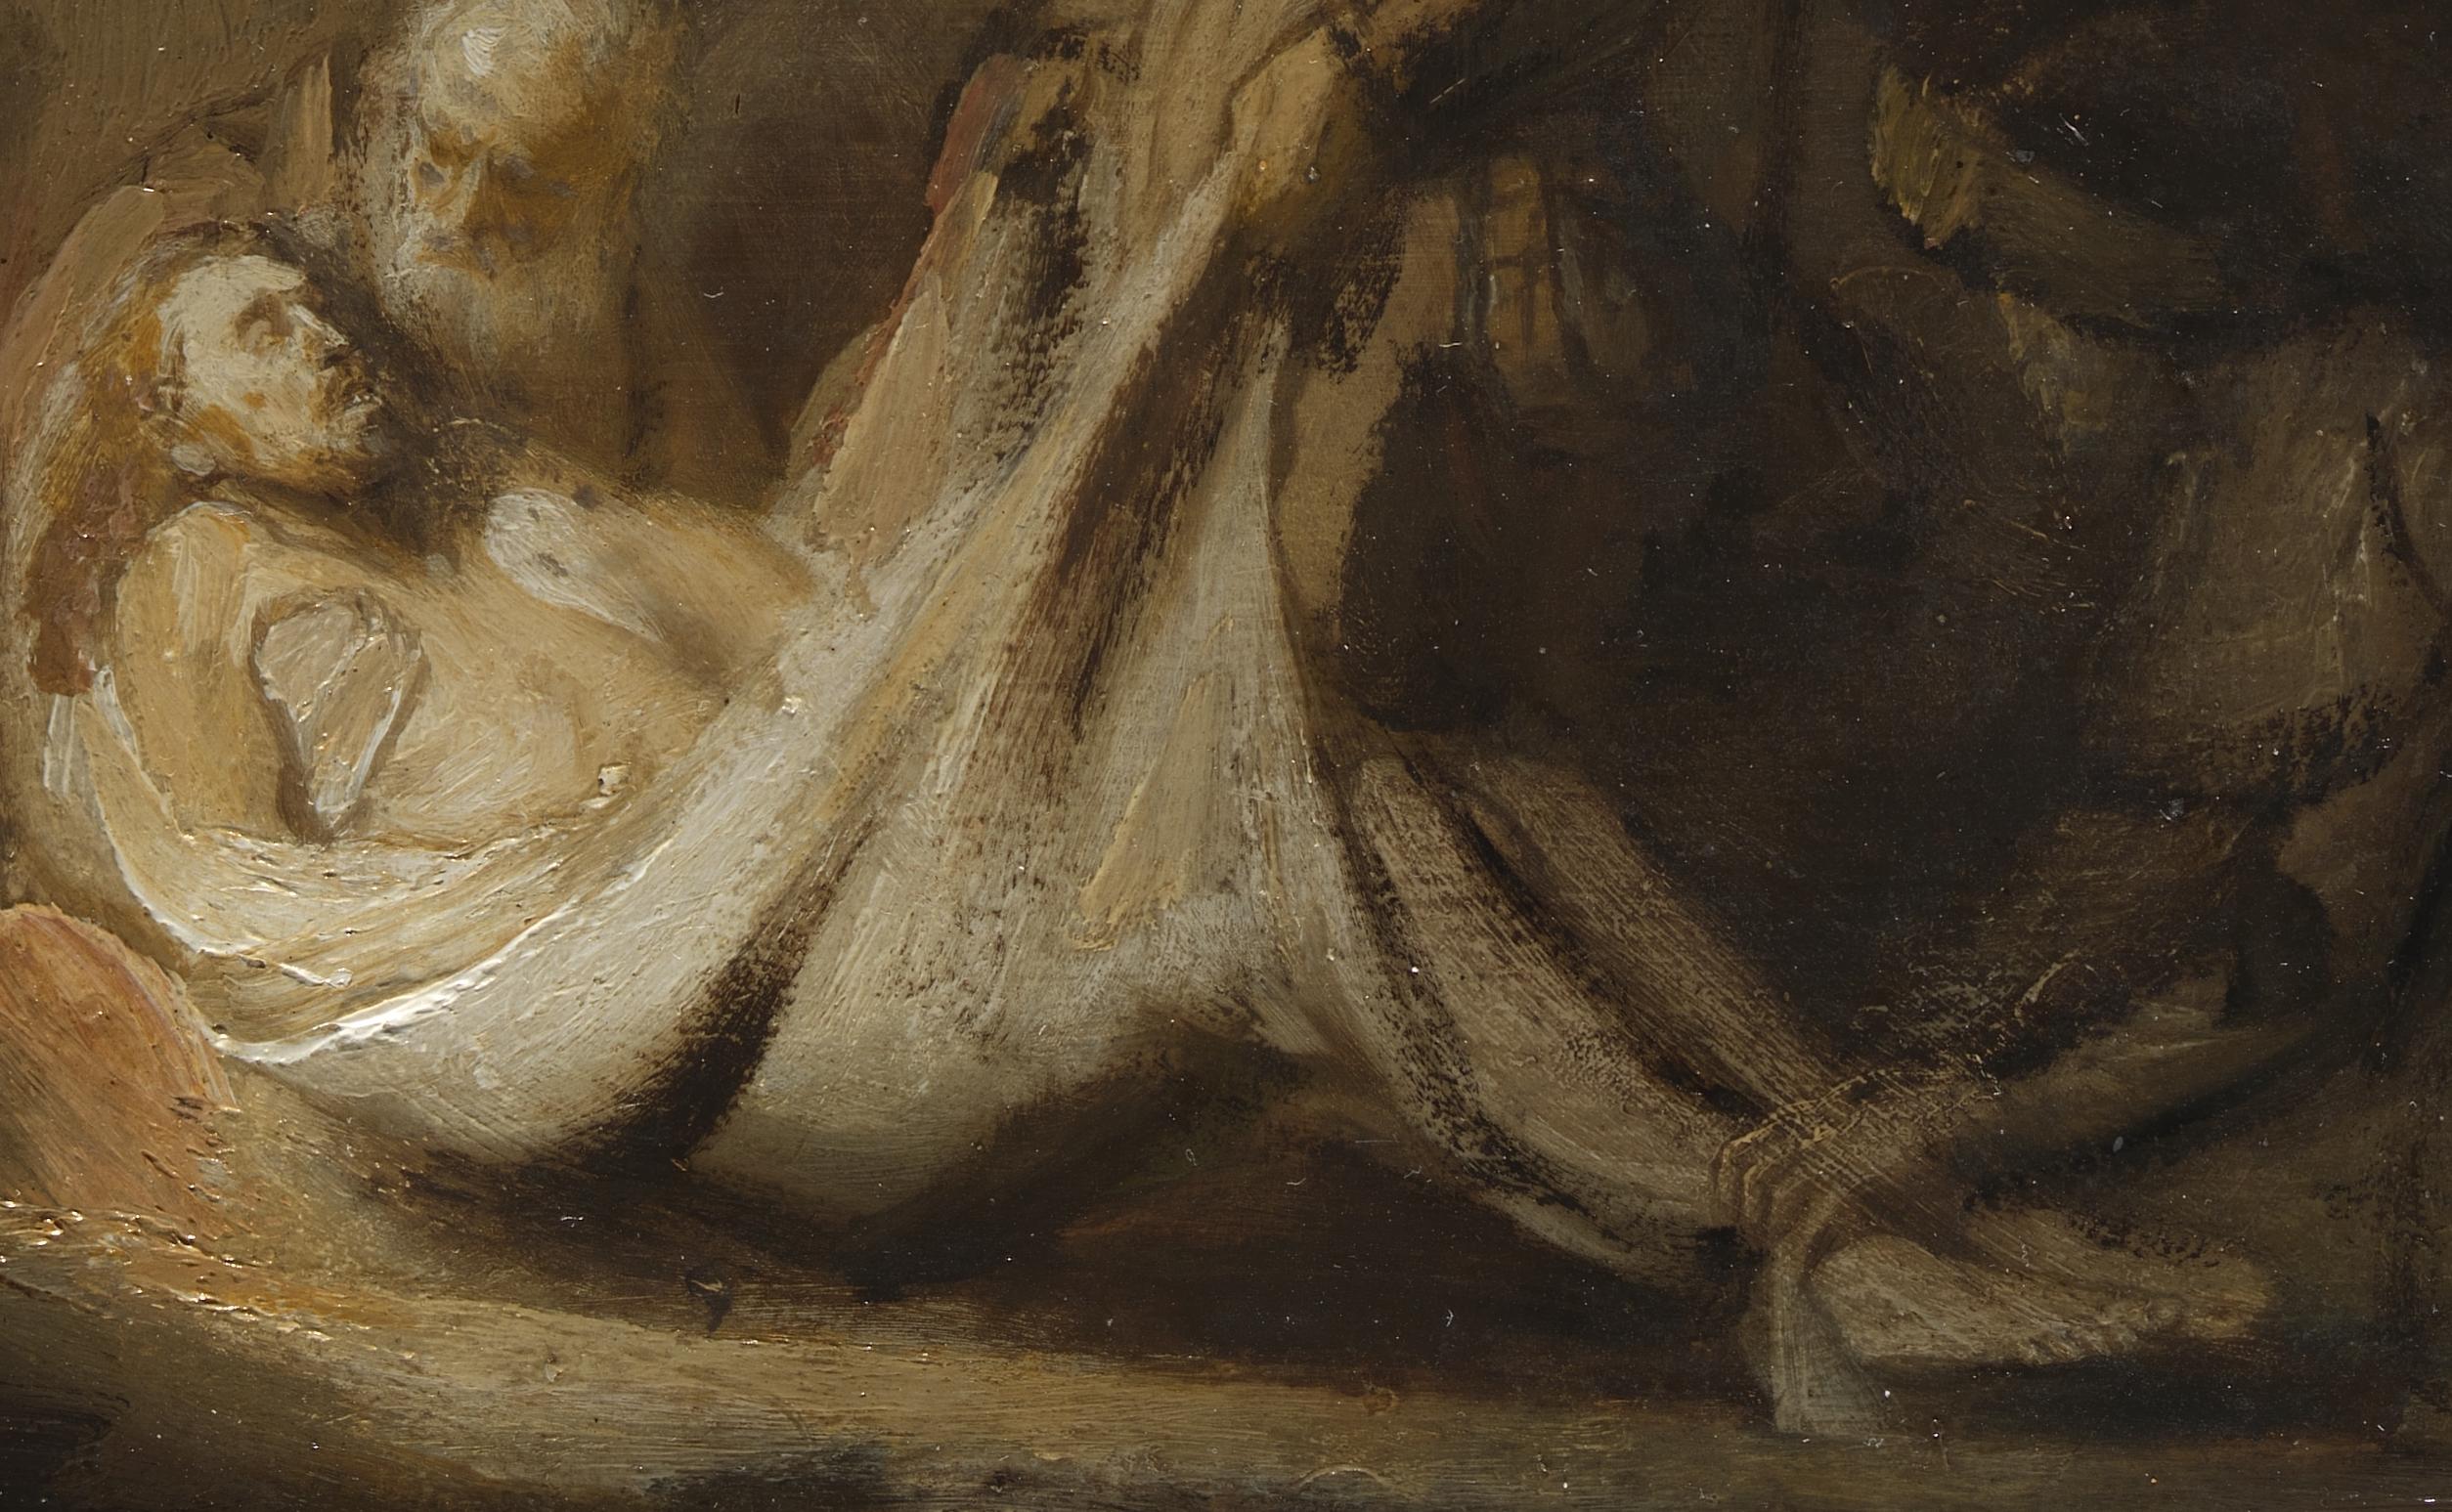 rembrandt entombment sketch hi res shroud wt.jpeg